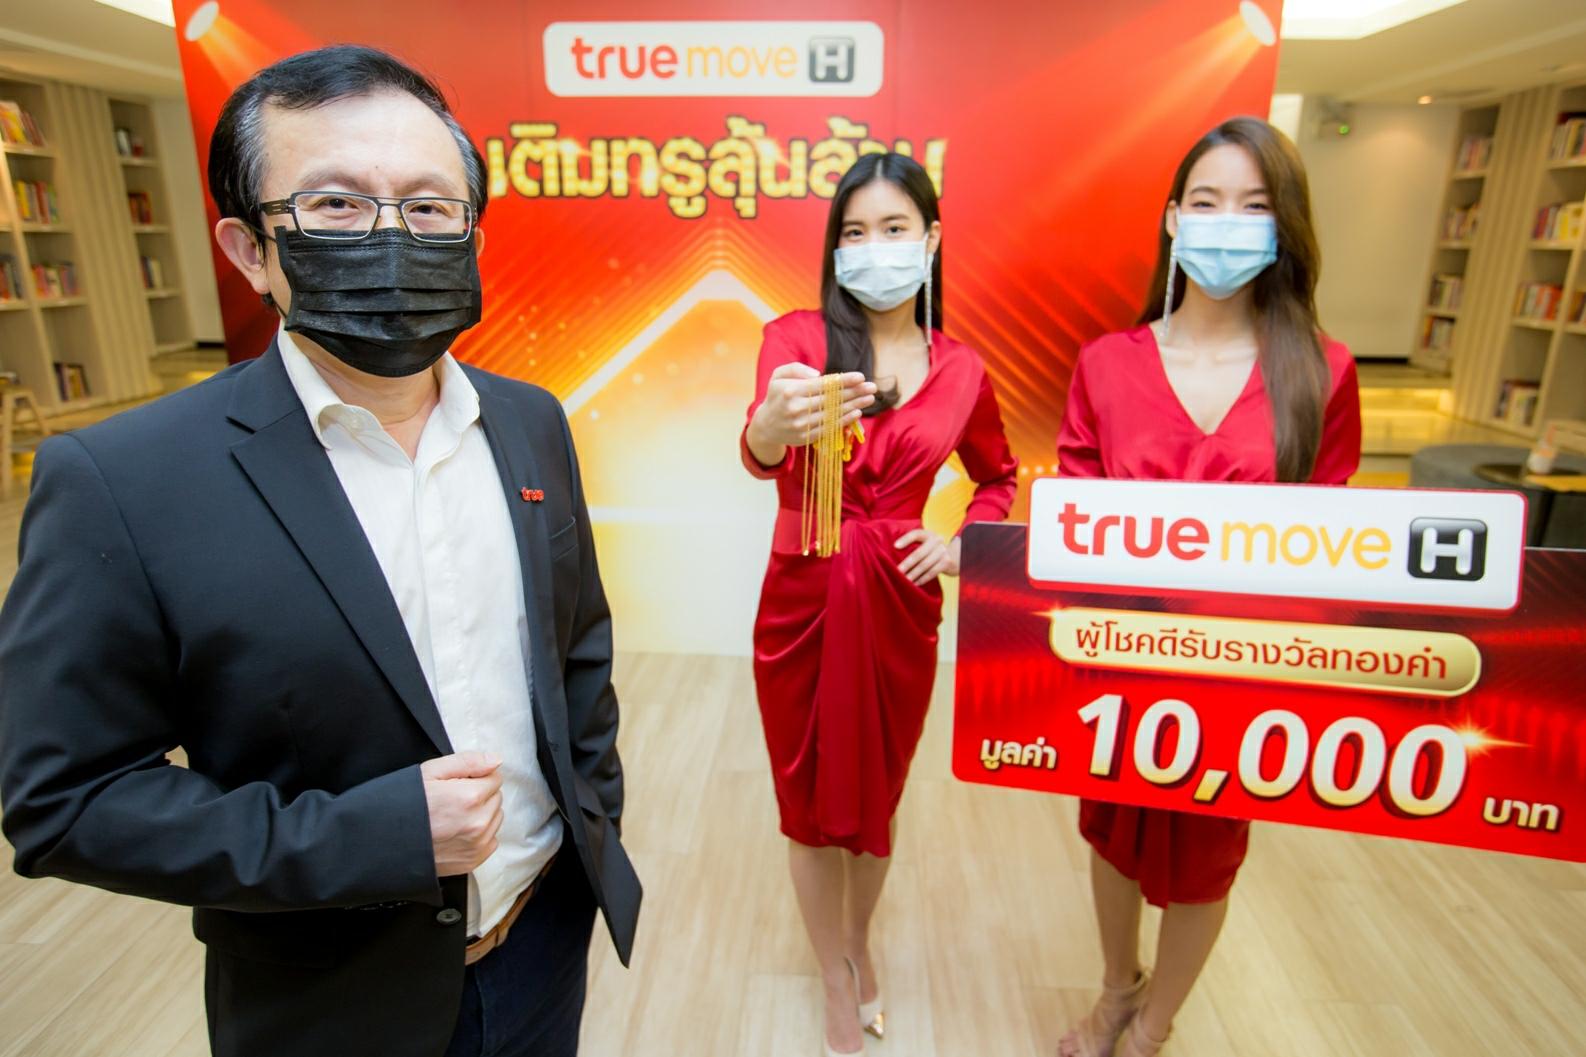 """truemove H แจกทอง ผู้โชคดีกลุ่มแรก """"เติมทรูลุ้นล้าน"""" รับสร้อยคอทองคำ มูลค่า 10,000 บาท"""